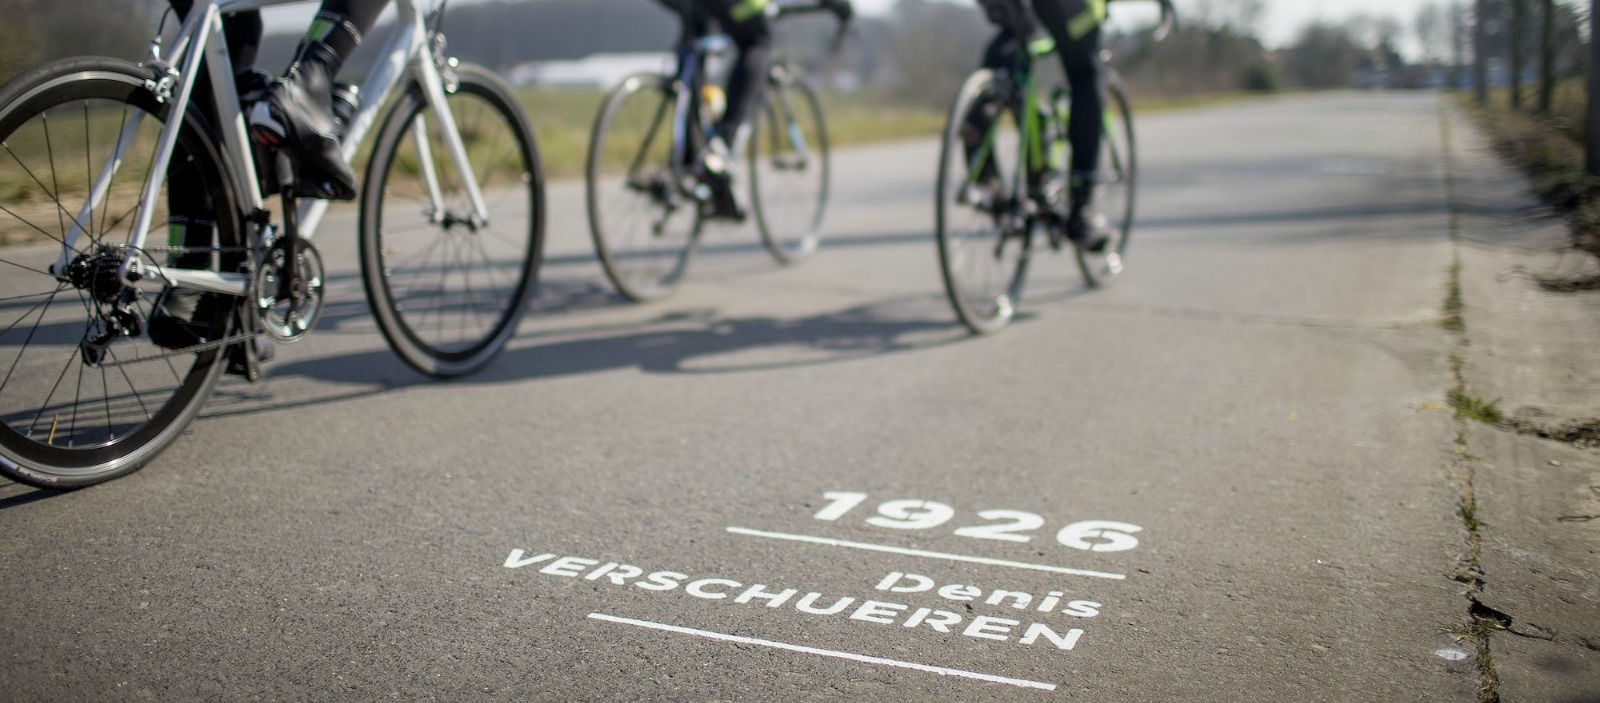 Vernieuwde Ronde van Vlaanderenstraat eert Helden van de Ronde